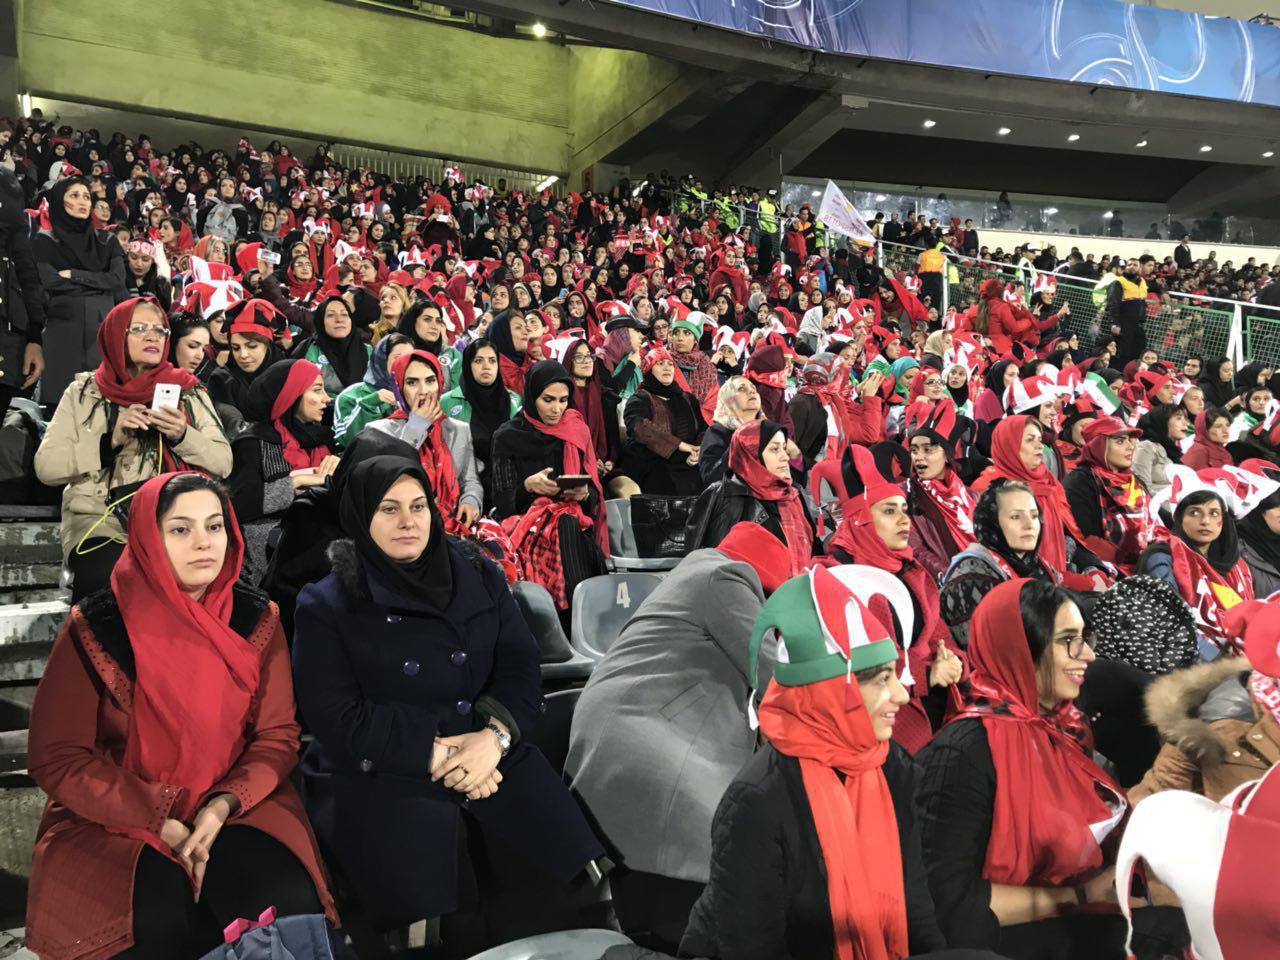 تصاویر زنان در ورزشگاه آزادی ، بازی پرسپولیس ایران و کاشیمای ژاپن